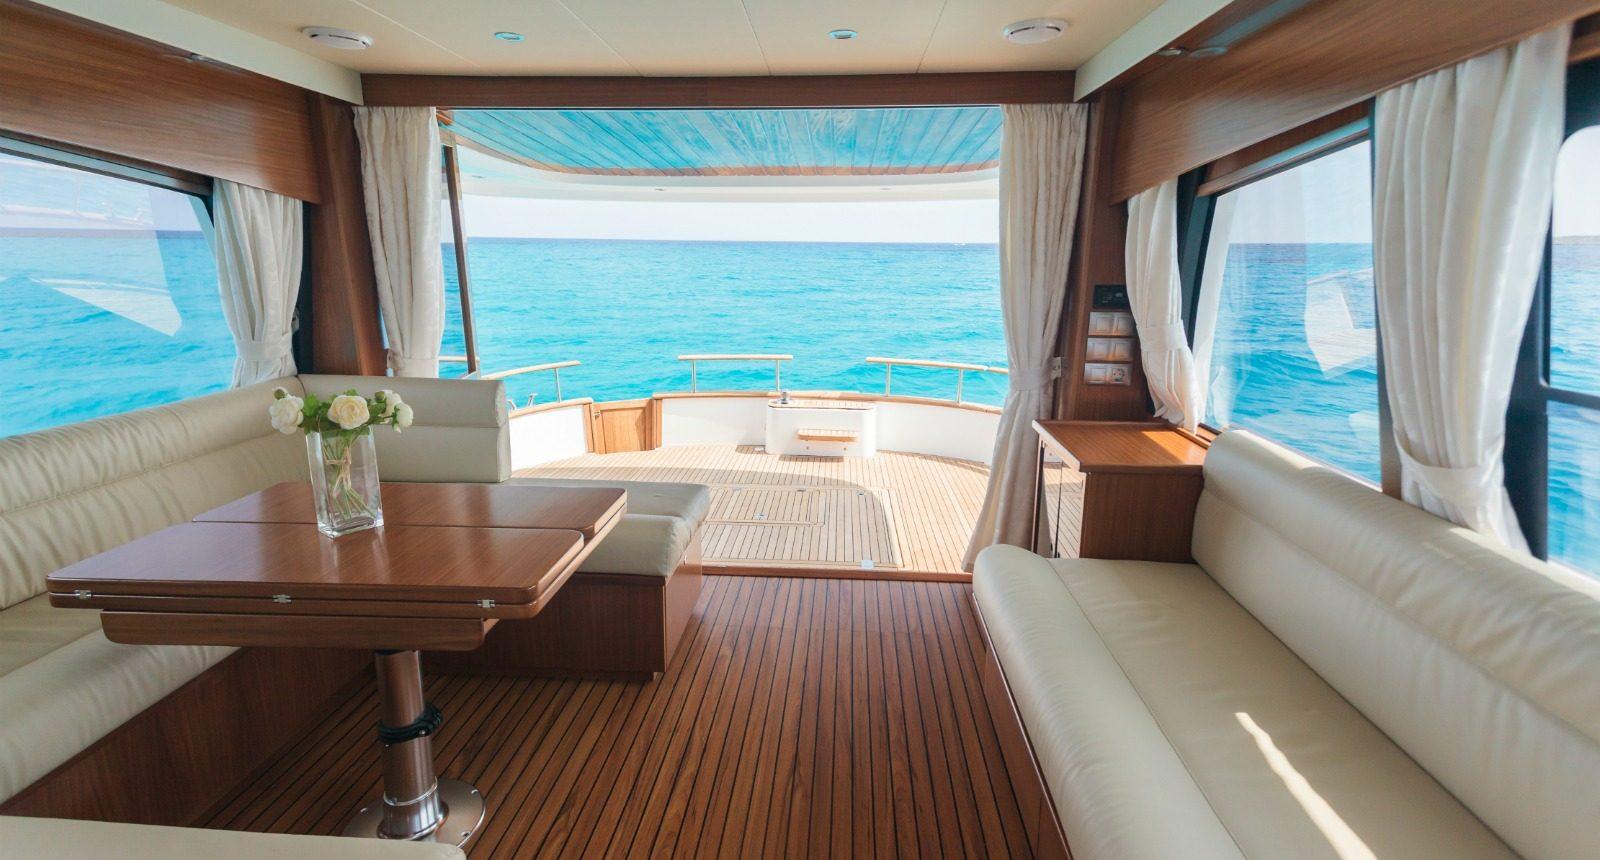 Minorca Islander 54 flybridge yacht for sale - salon